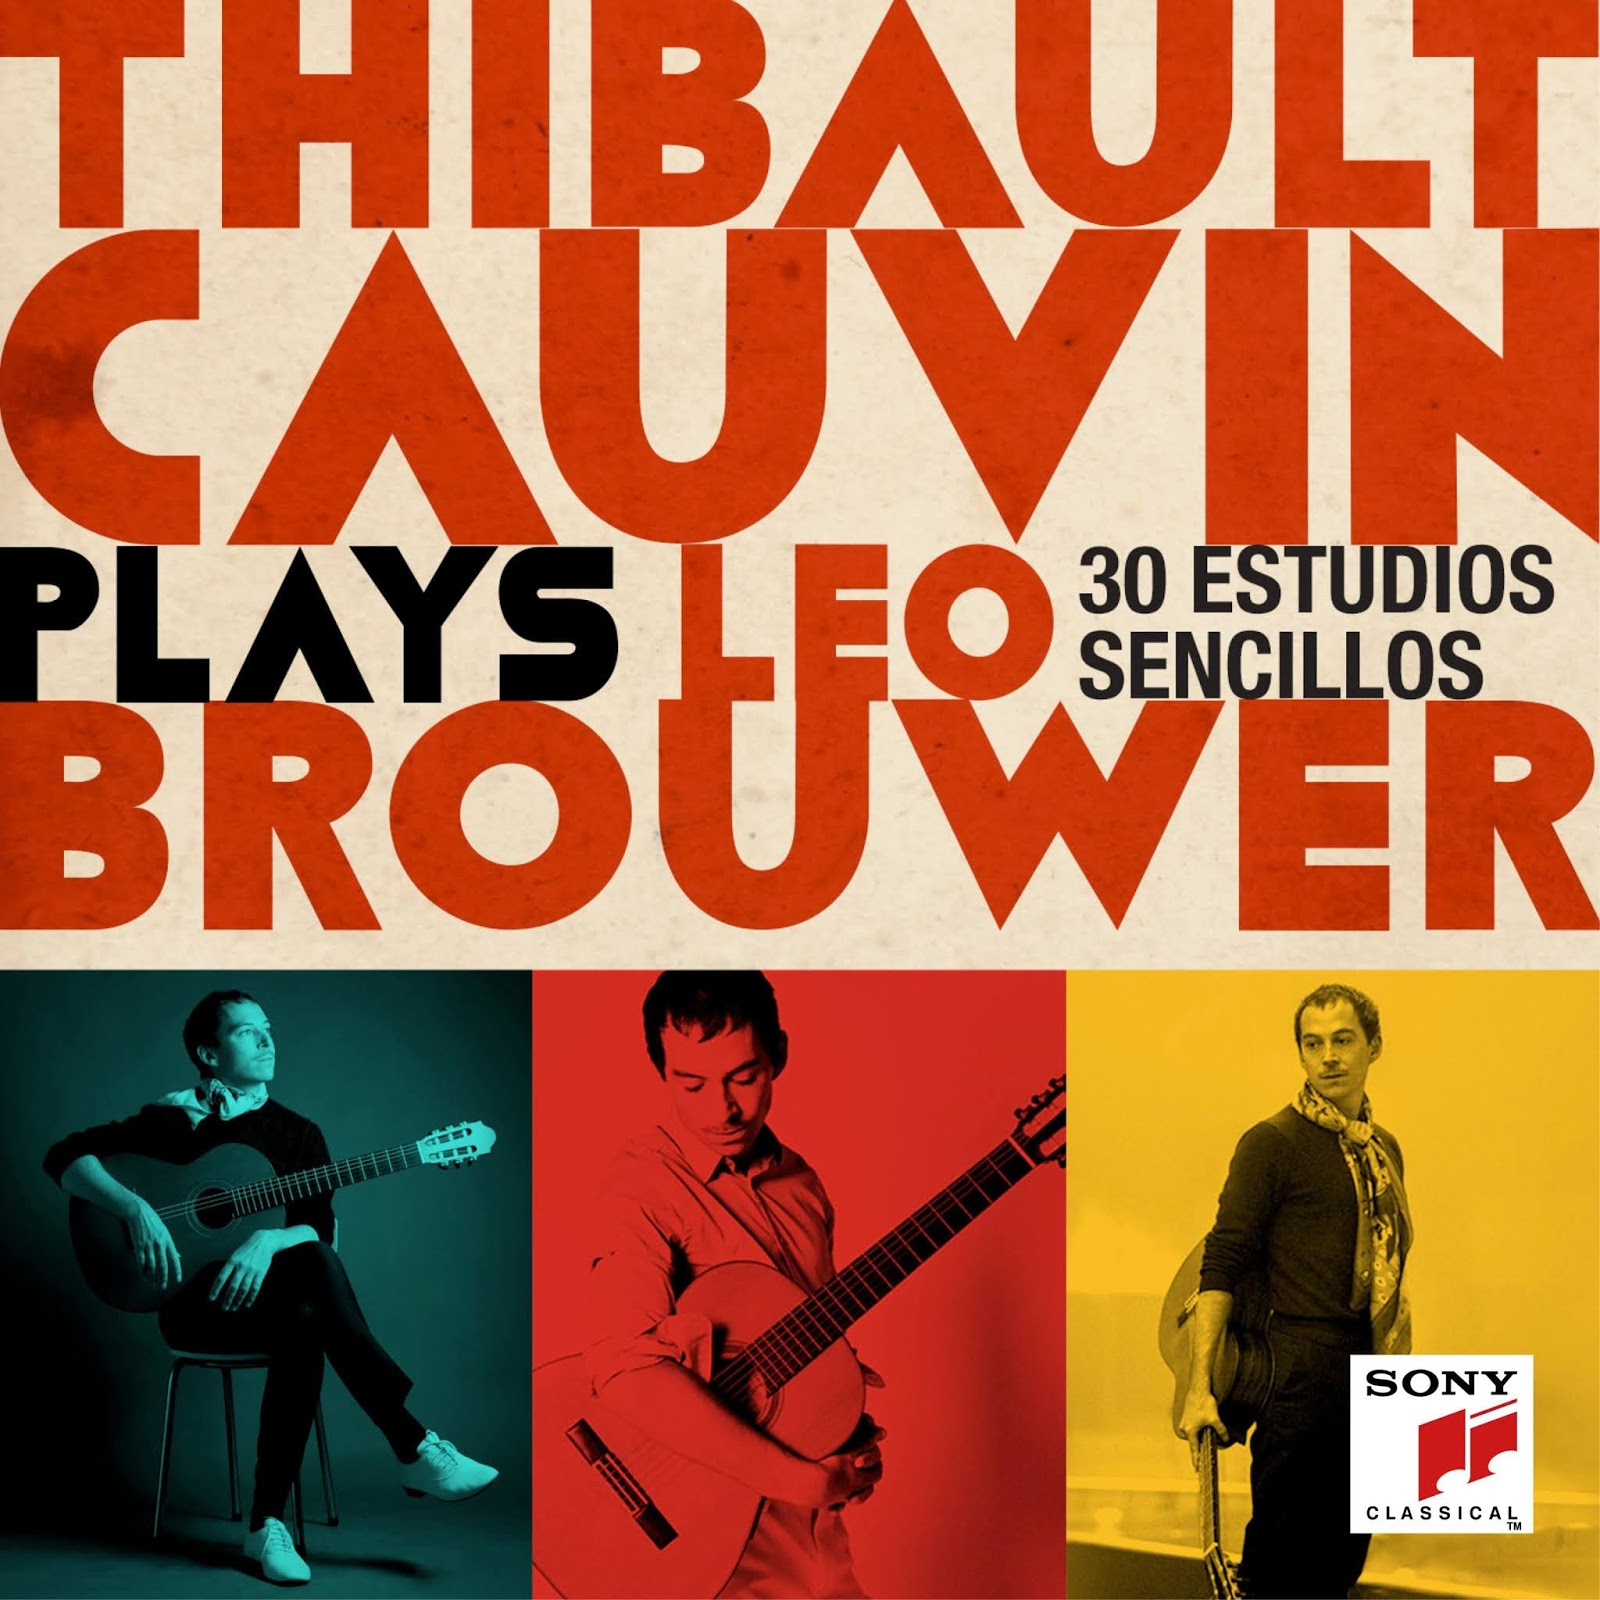 Thibault Cauvin Thibault Cauvin plays Leo Brouwer